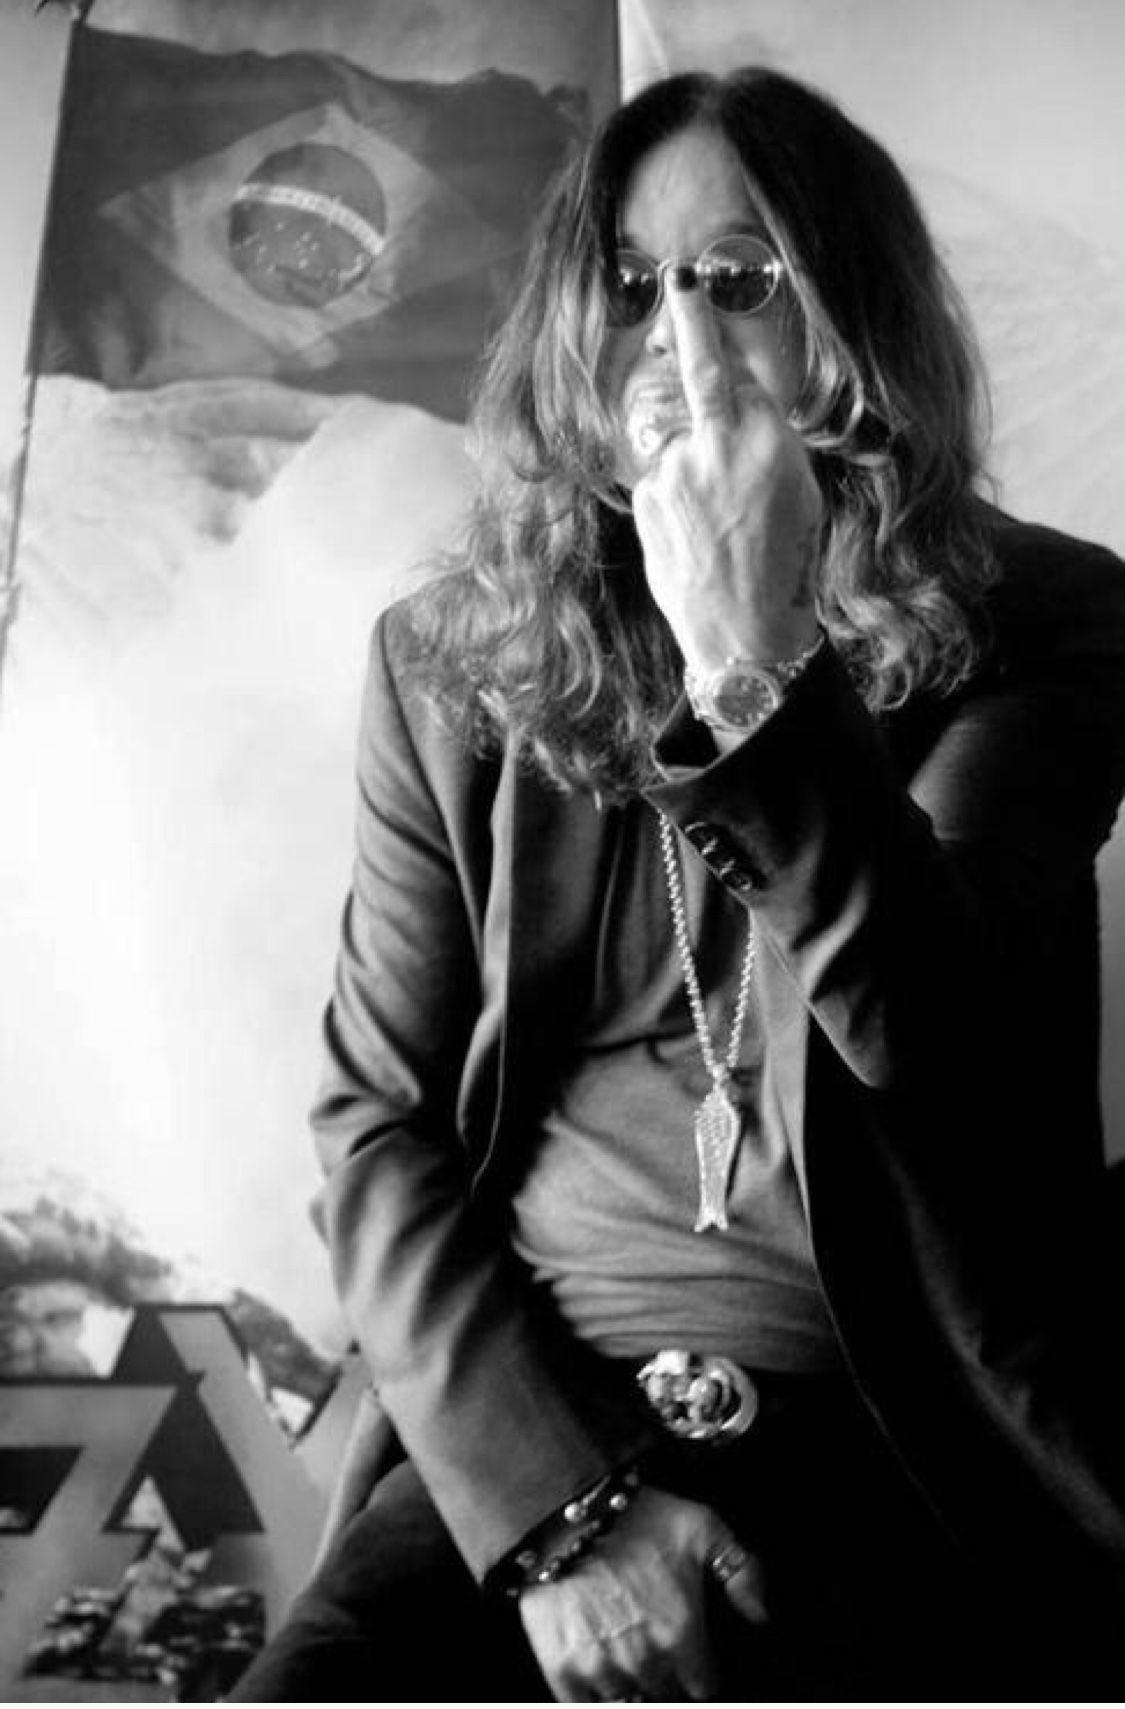 Pin by Angela on Black Sabbath/Ozzy Osbourne Ozzy